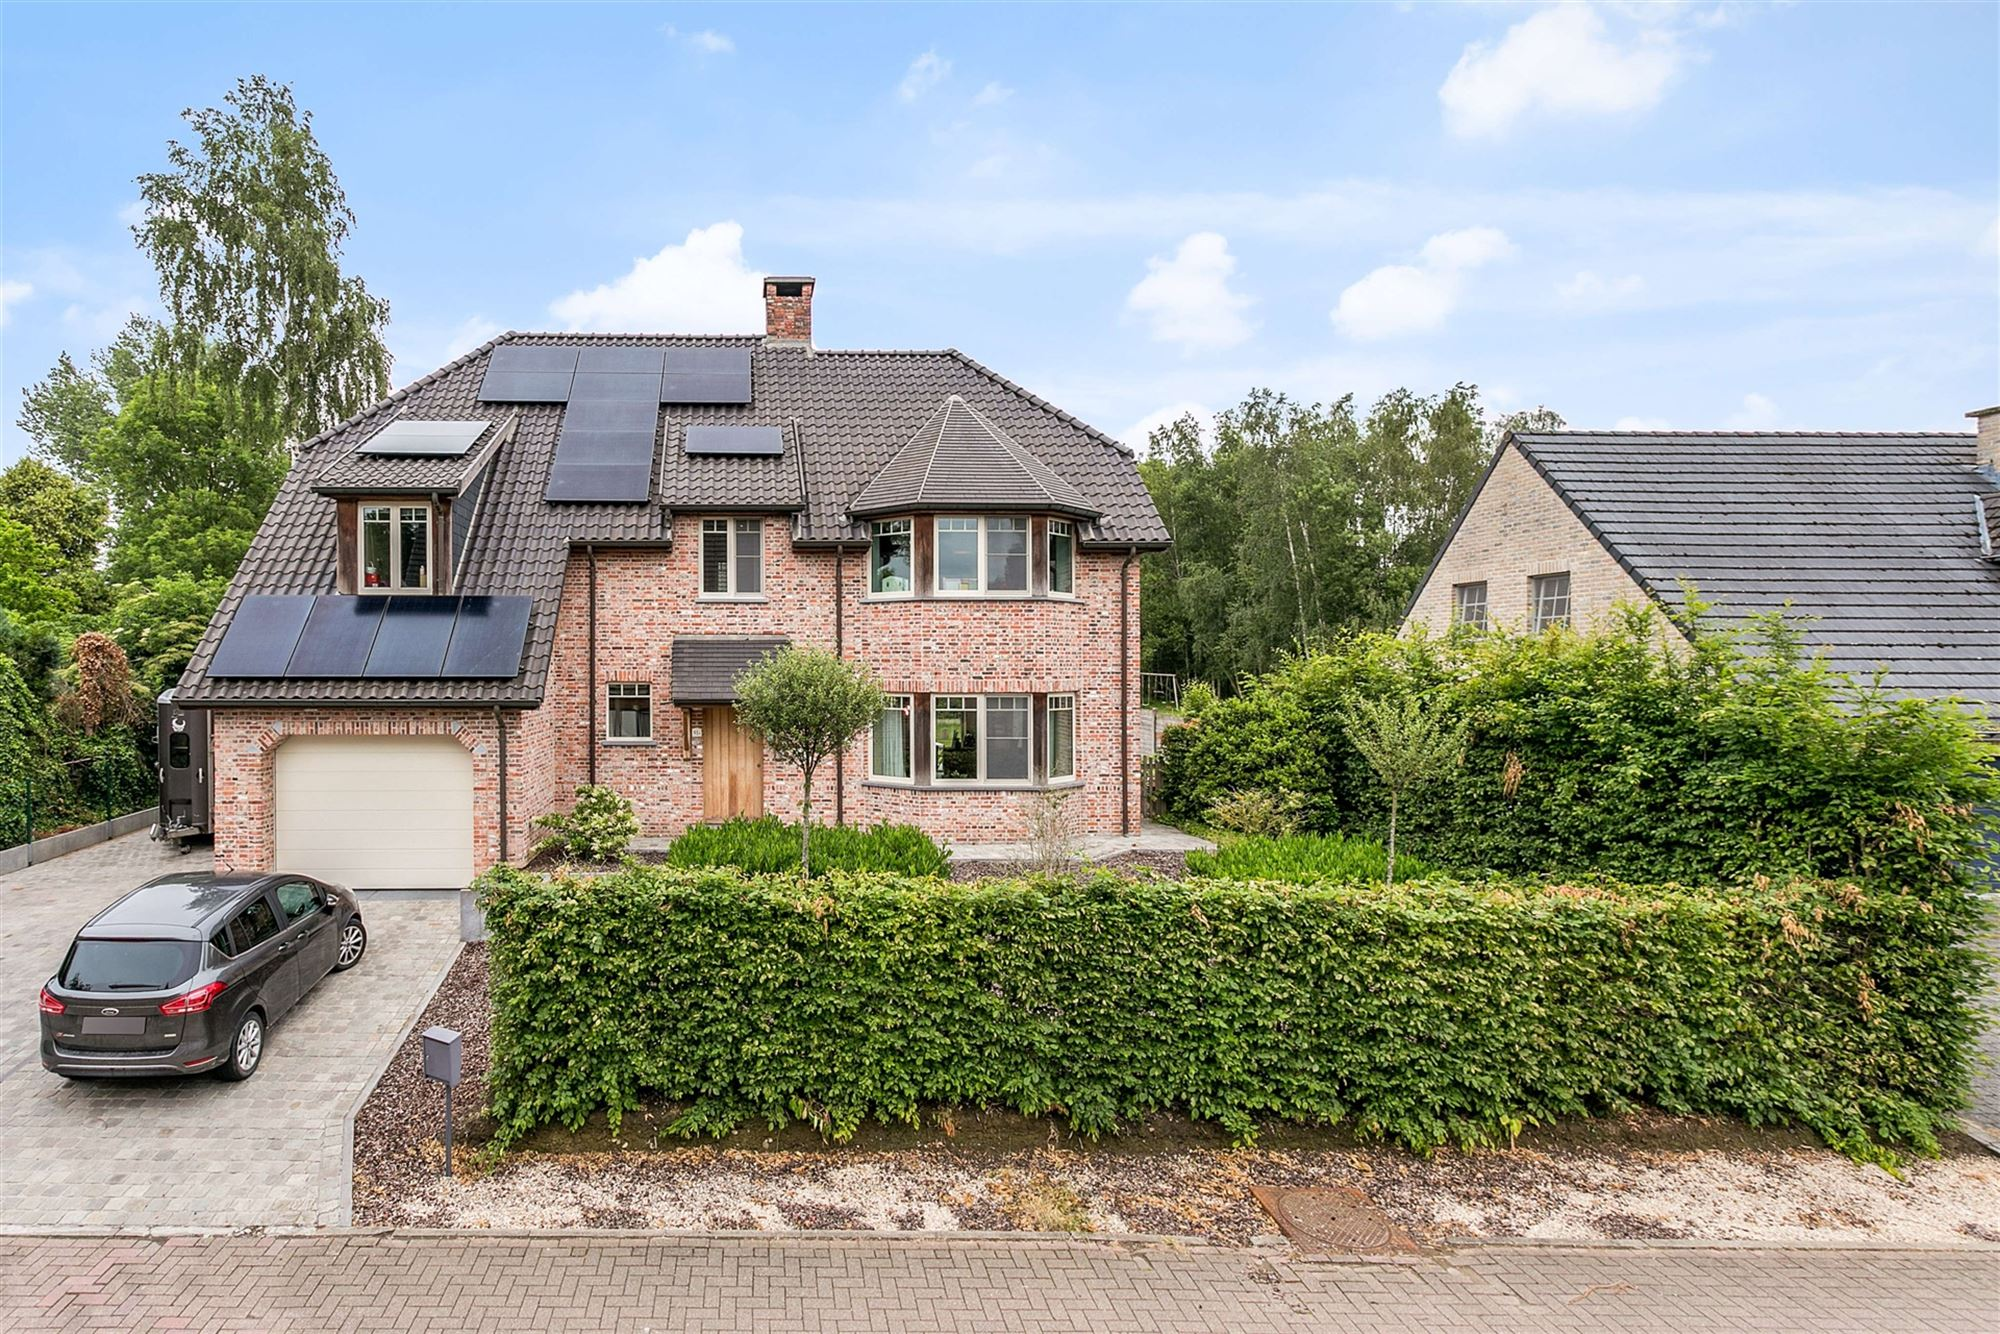 In een groene, landelijke omgeving langsheen een verbindingsweg tussen Moorsel en Meldert situeert zich deze prachtige, ruime villa (bouwjaar 2006). T...